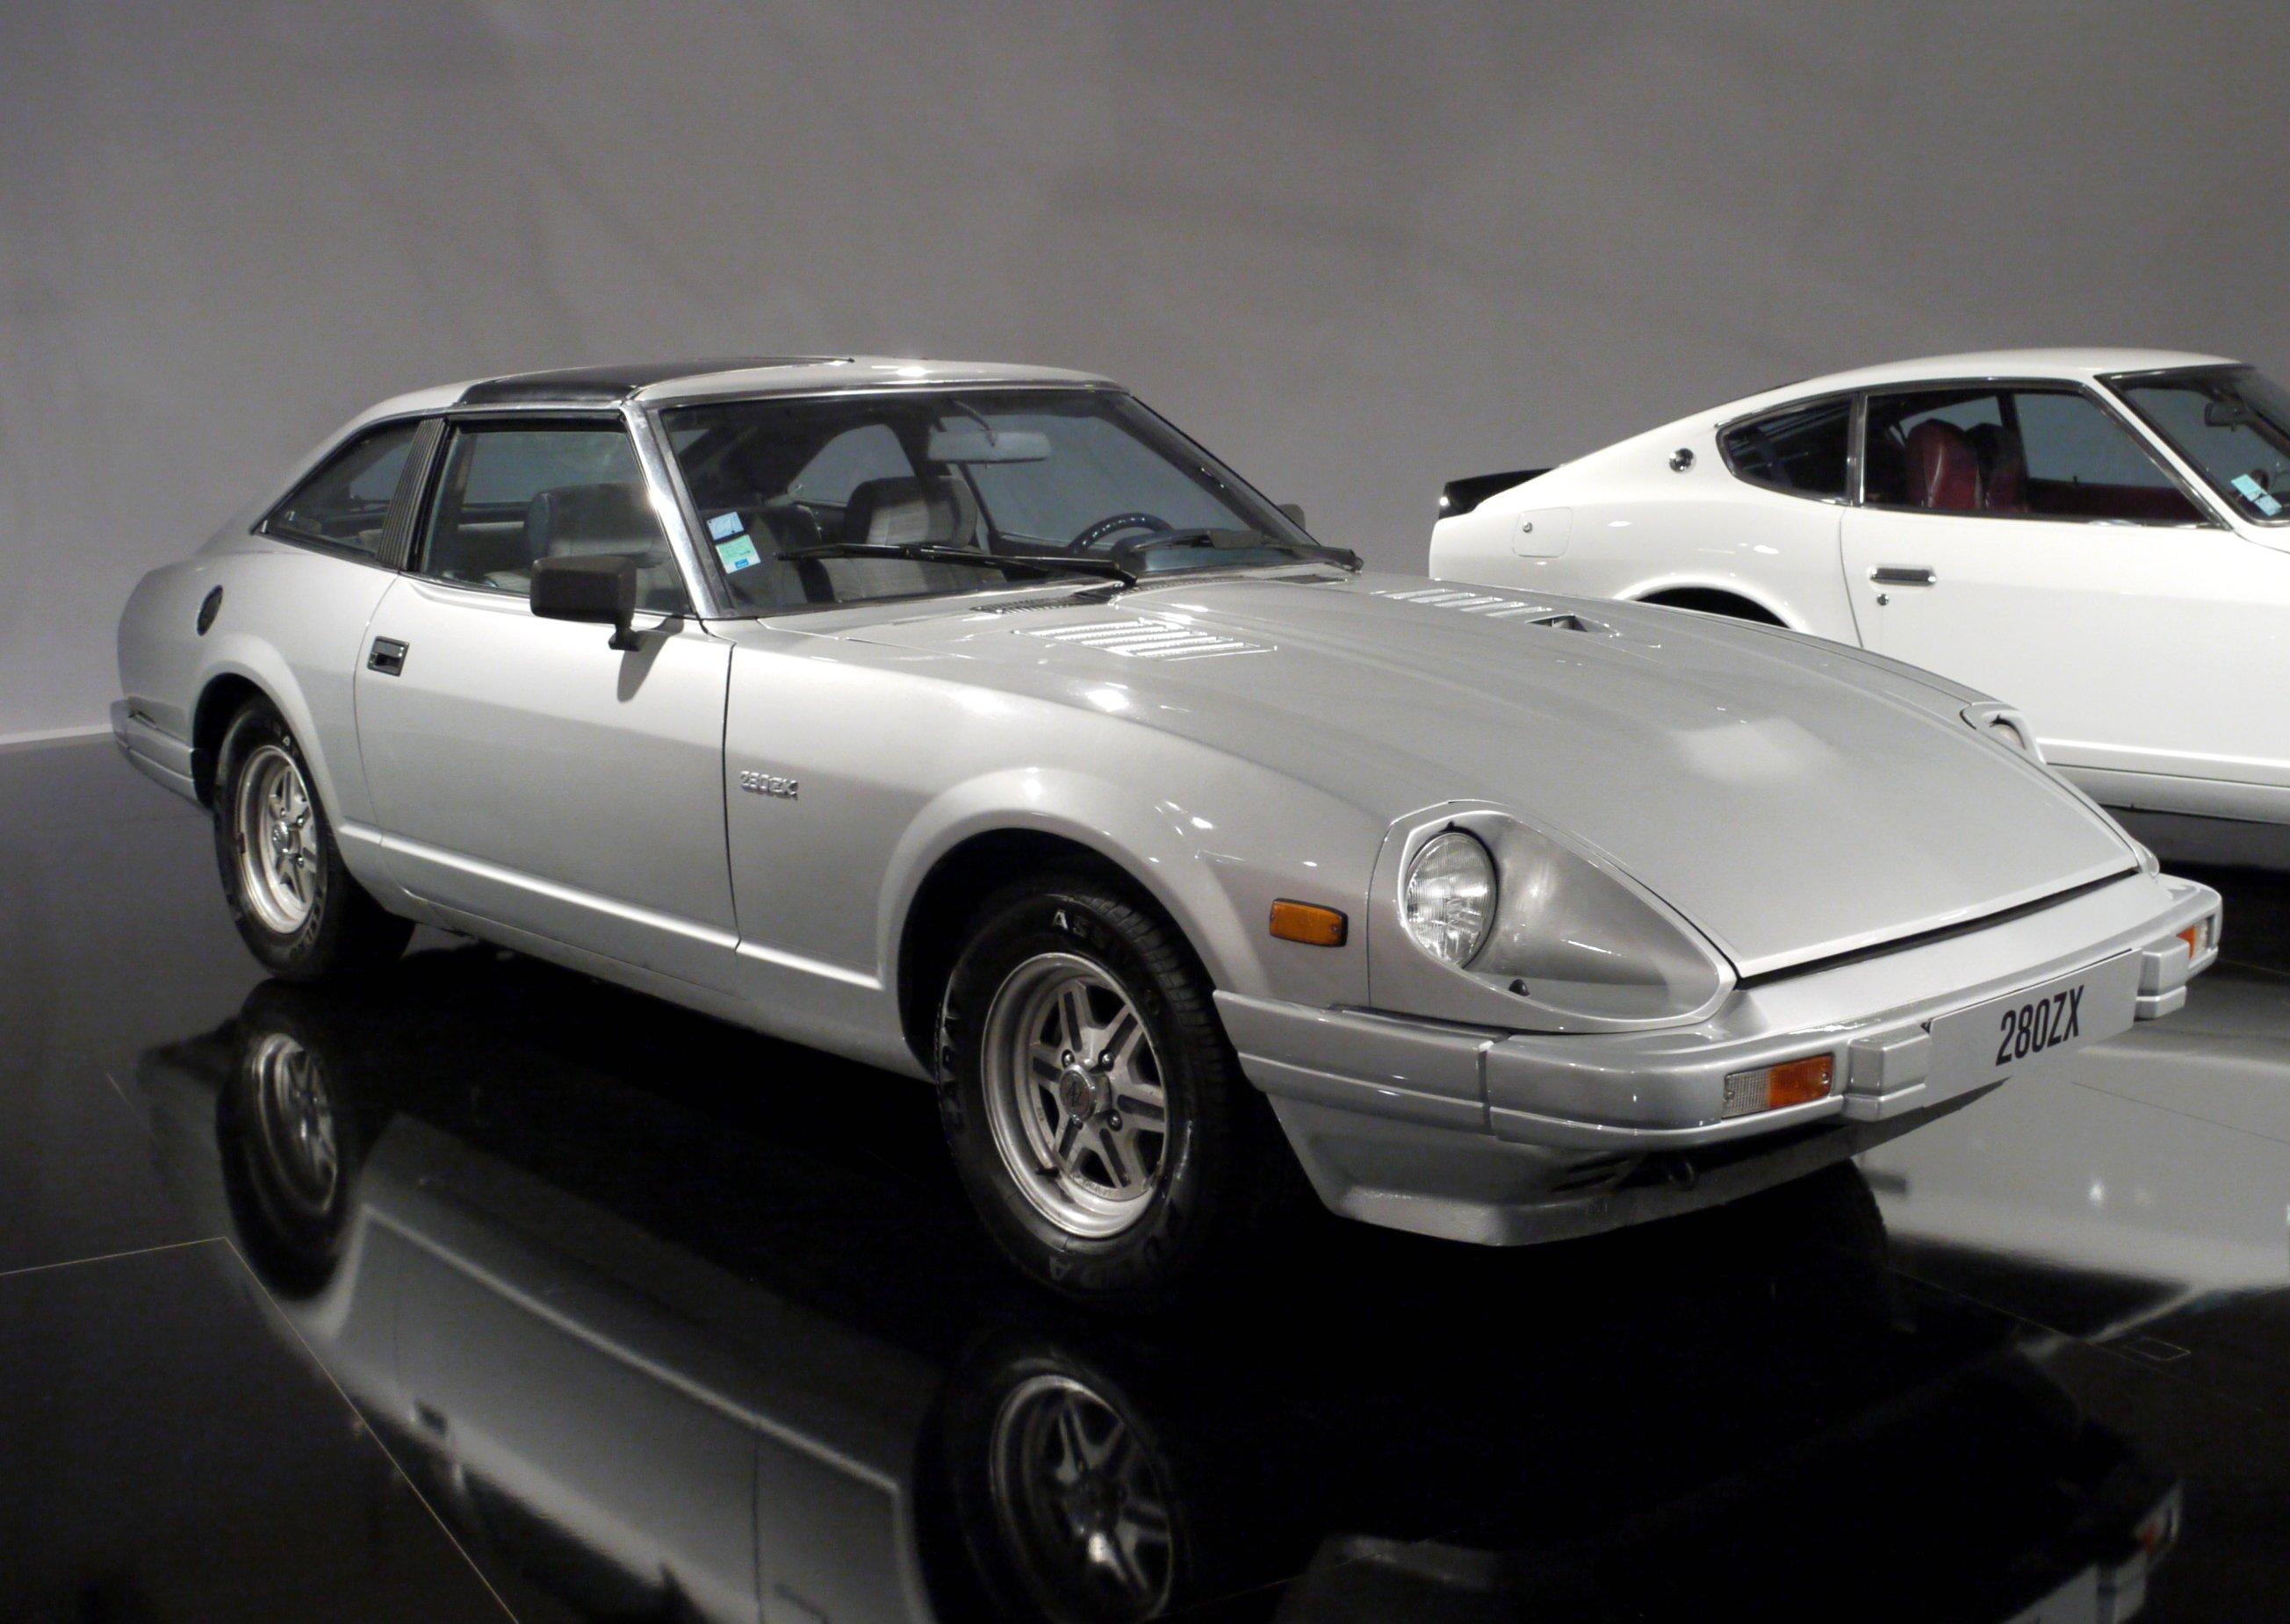 Mondial_de_l%27Automobile_2010%2C_Paris_-_France_%285058943600%29 Elegant Ferrari F 108 Al-mondial 8 Cars Trend